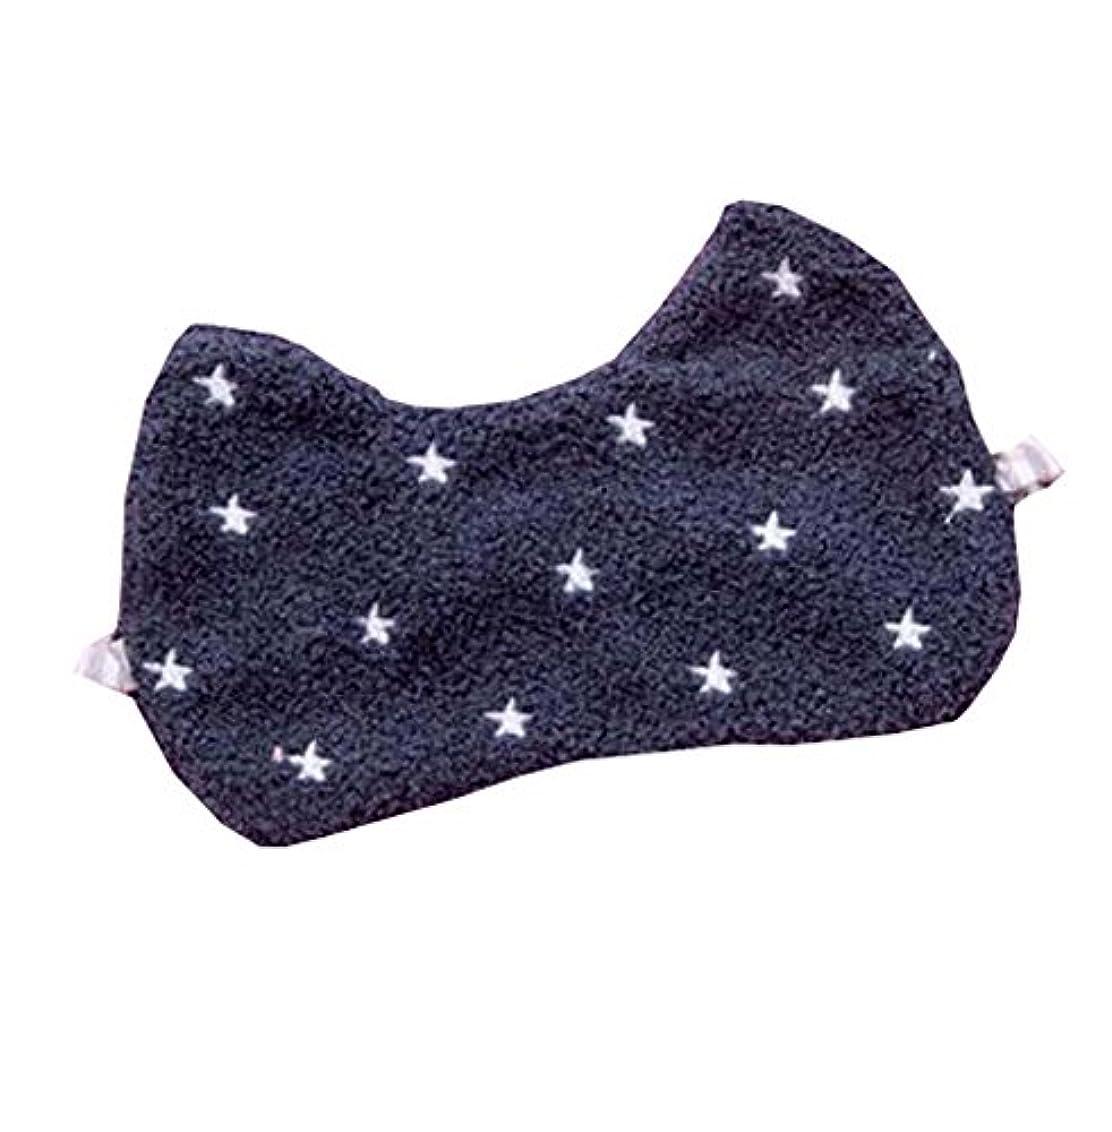 バトル繊毛ペンス女の子の旅行スリーピングアイシェード - 目隠しナップカバーアイマスク睡眠改善、E